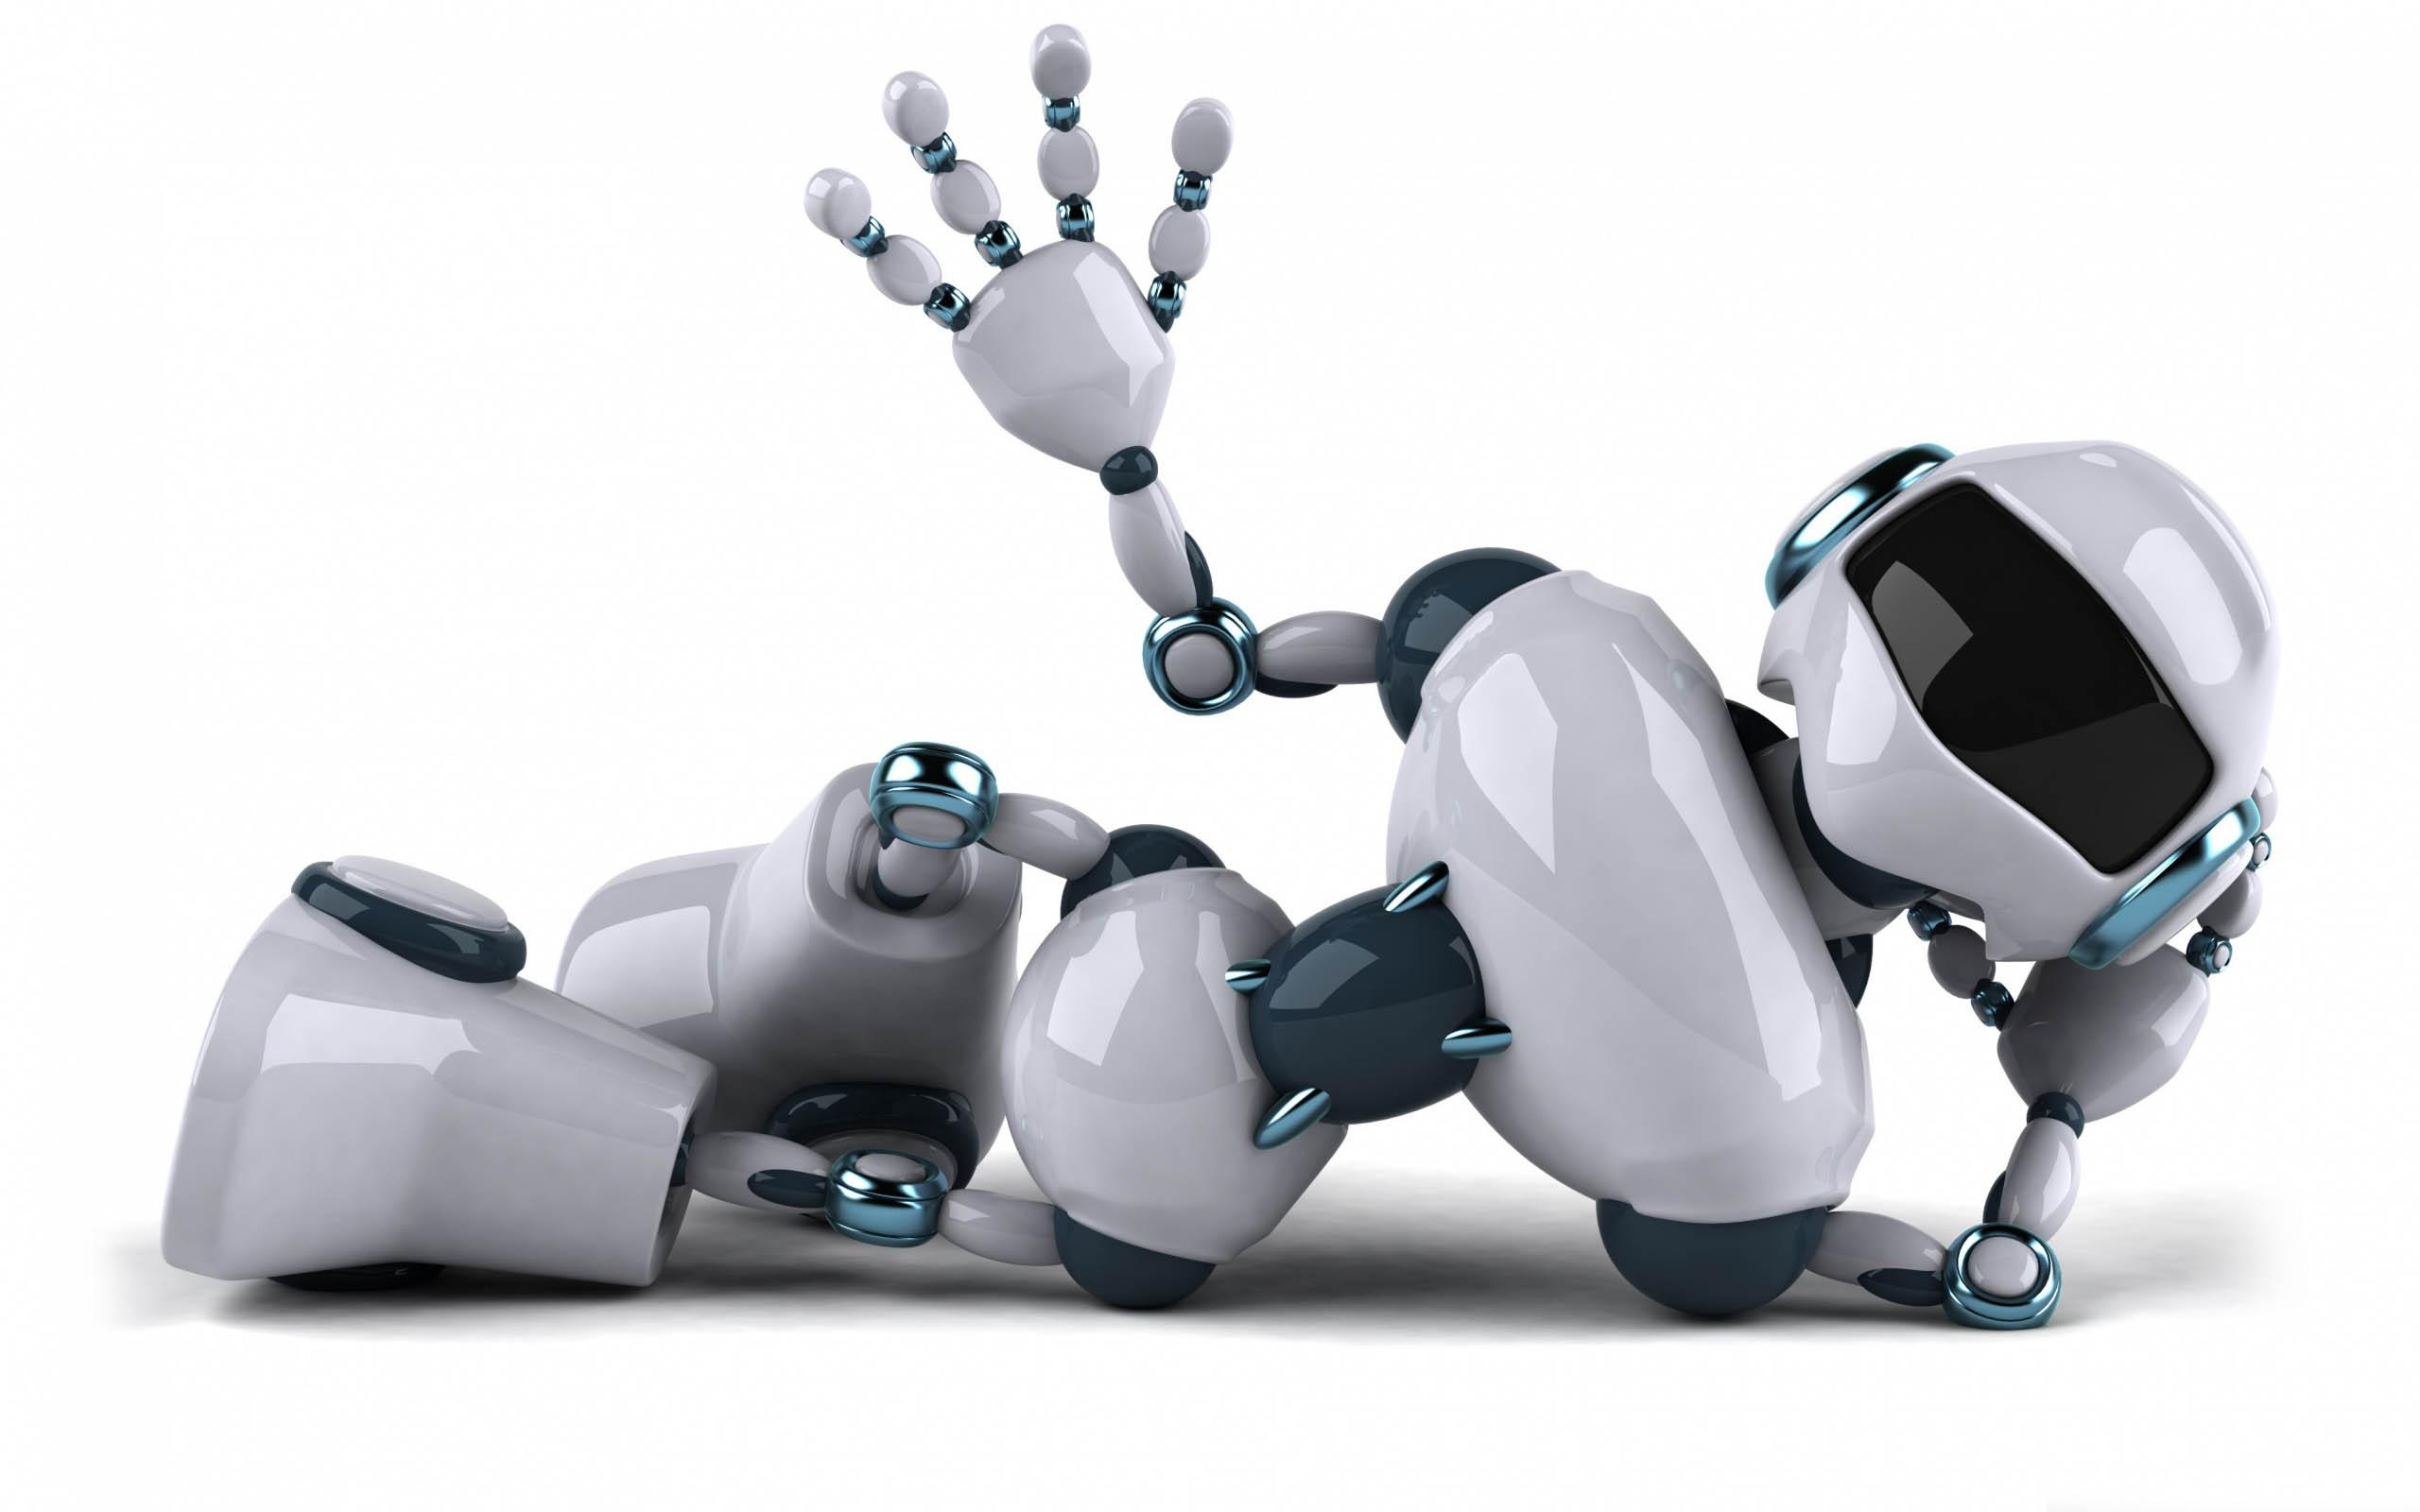 Robot HD wallpapers, Desktop wallpaper - most viewed